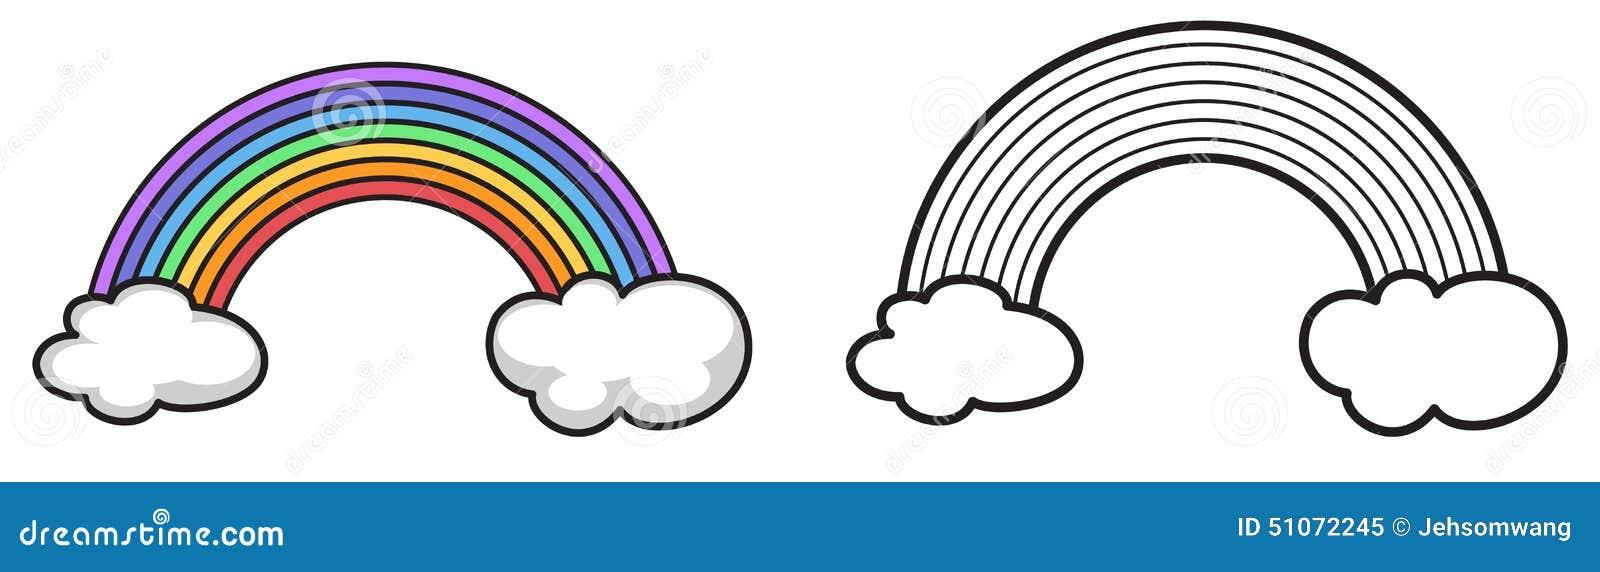 Arco-íris Colorido E Preto E Branco Para O Livro Para